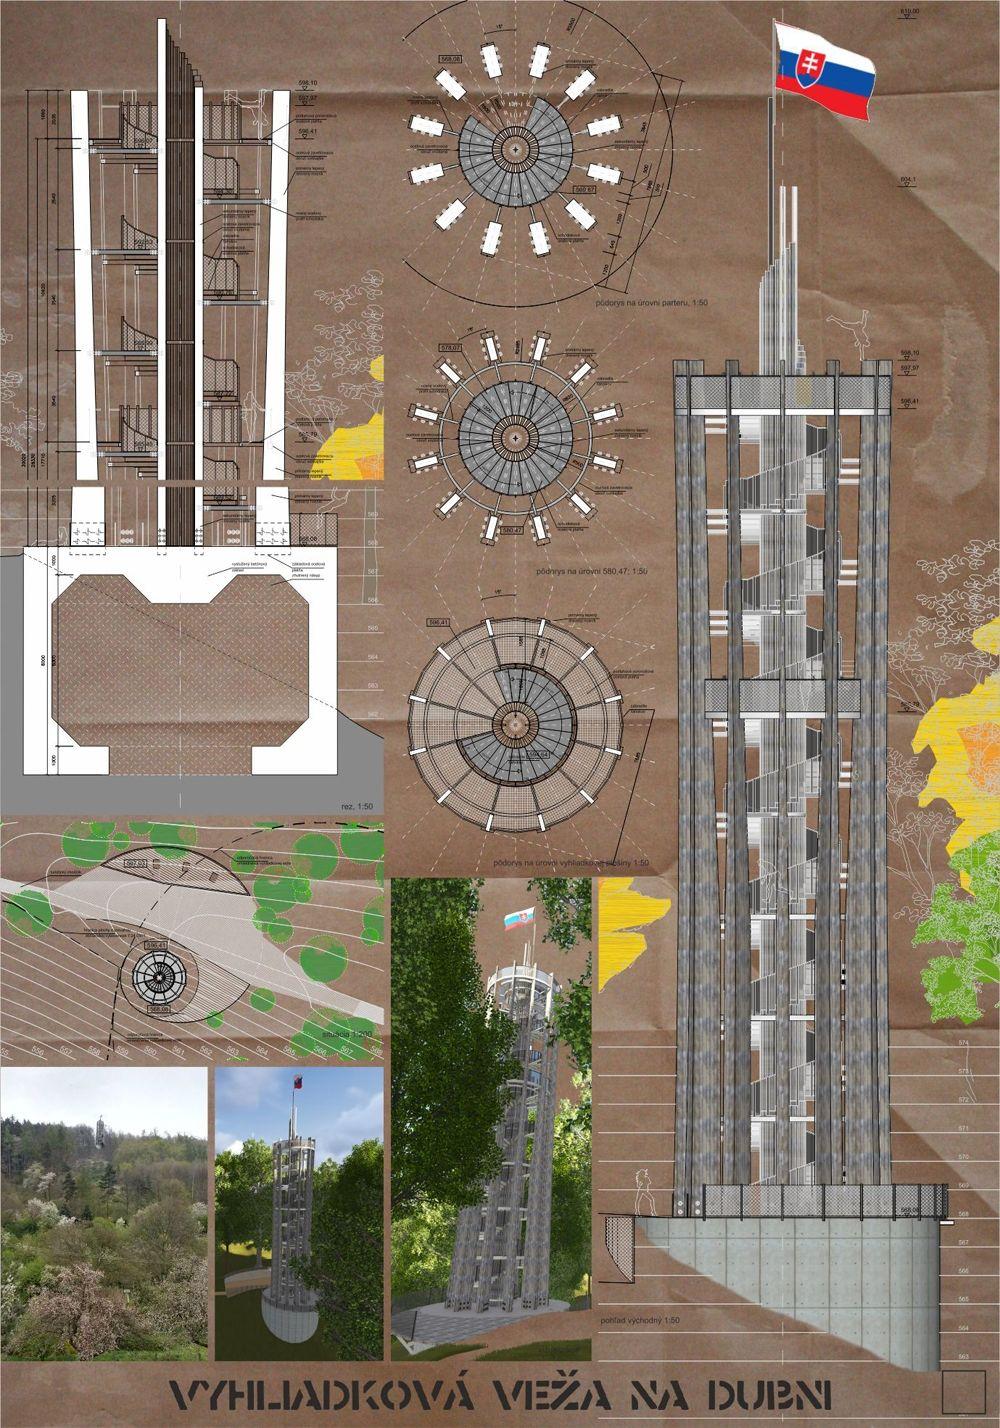 Súťažné návrhy Výhliadková veža na Dubni, foto 1